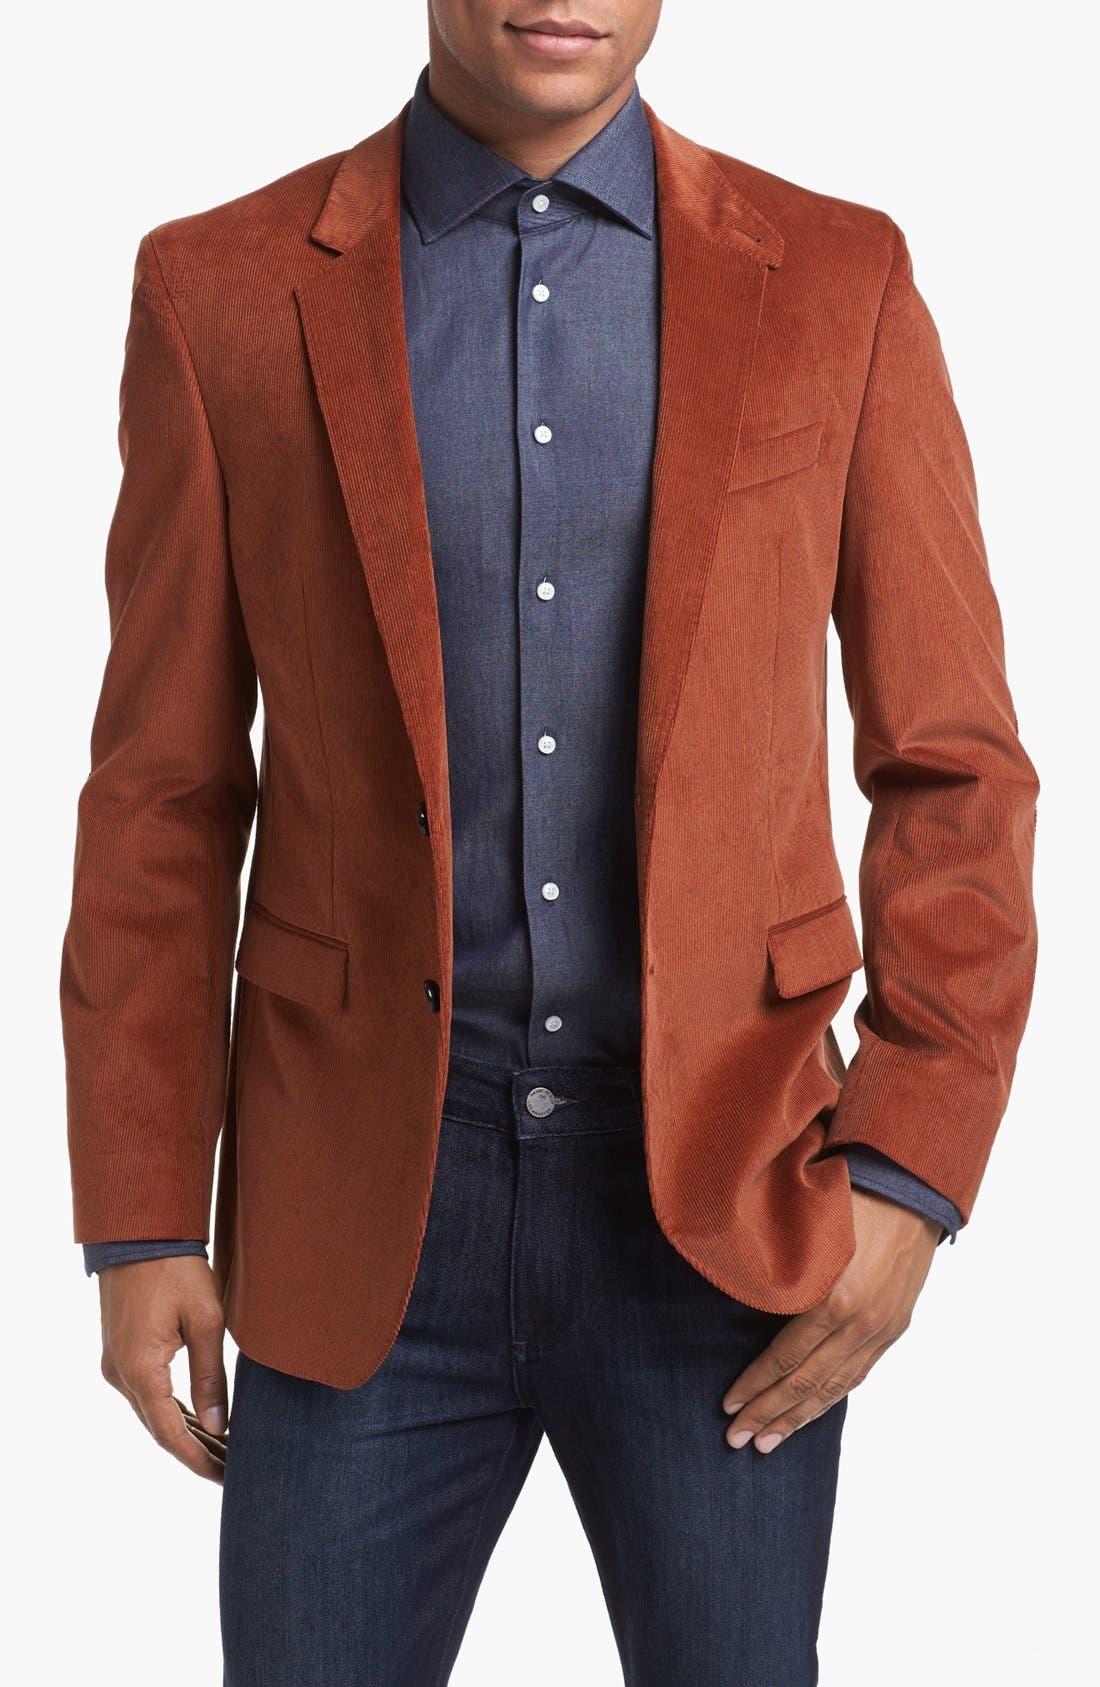 Main Image - BOSS HUGO BOSS 'Rhett' Extra Trim Fit Blazer